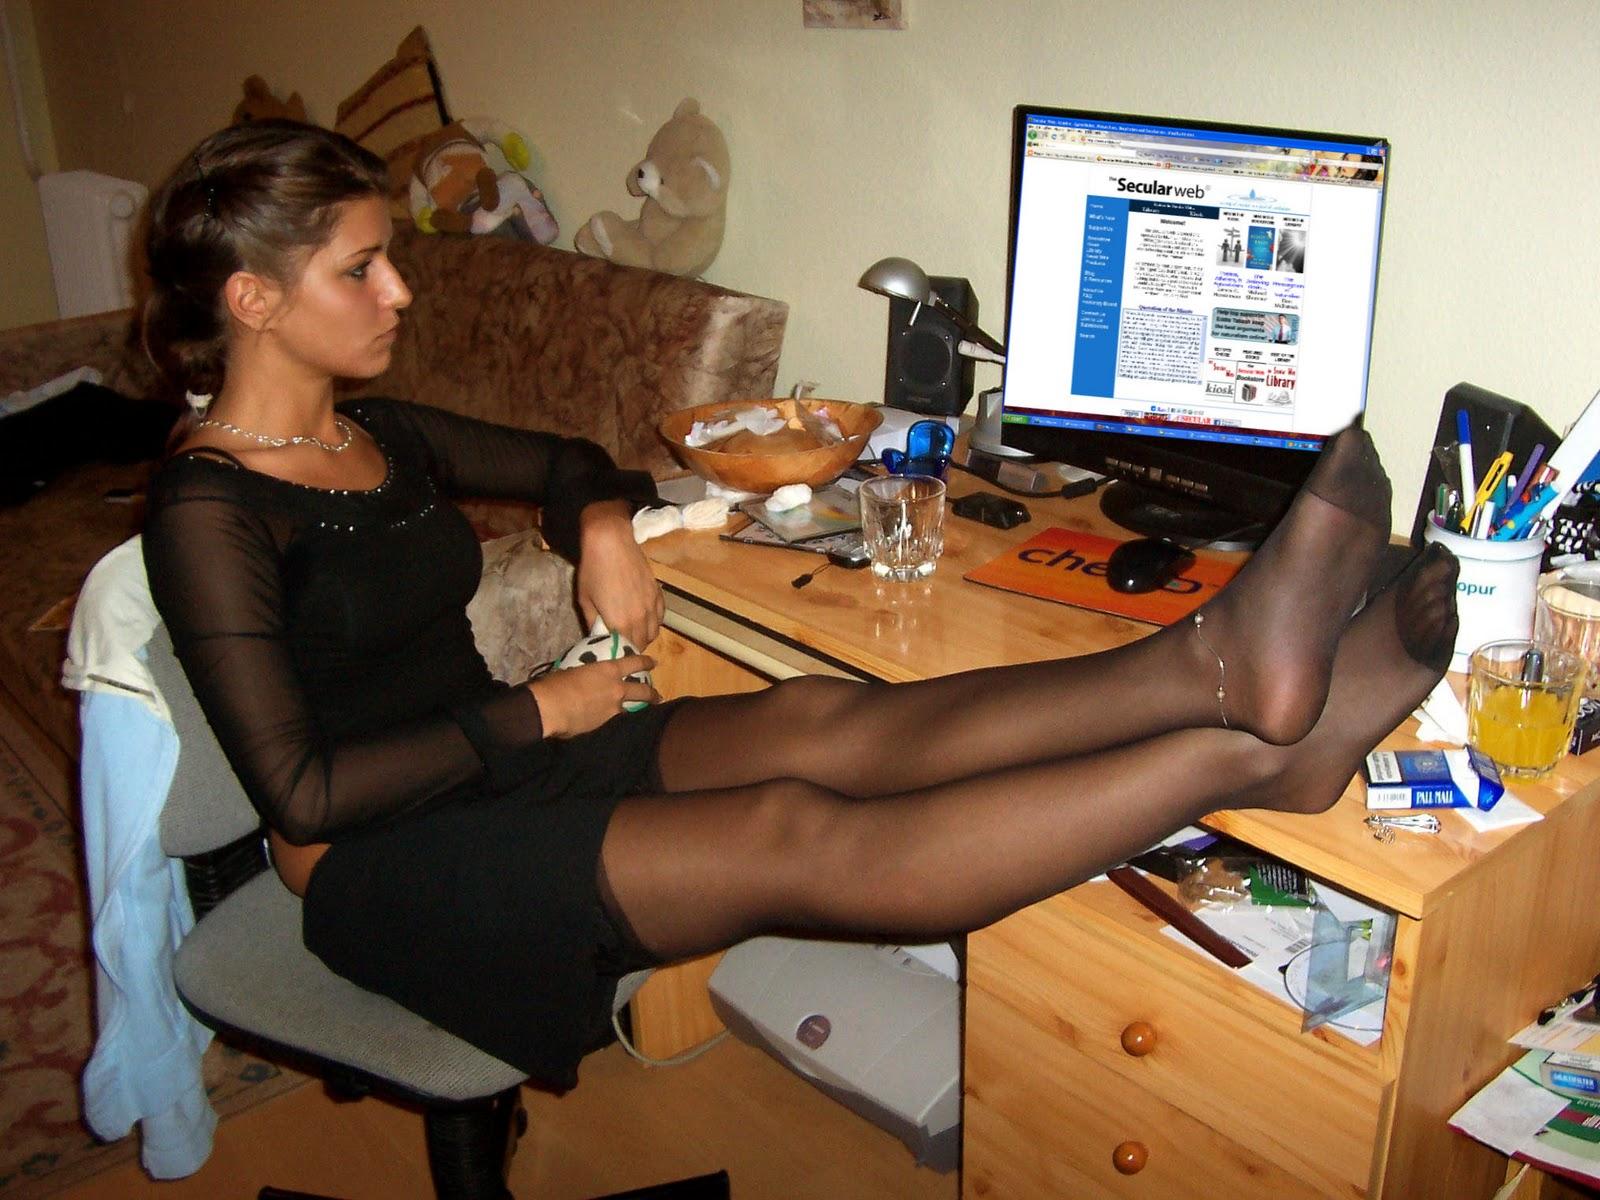 Фото дрочат на писю, Секс фото мастурбации -галерей. Смотреть порно 3 фотография